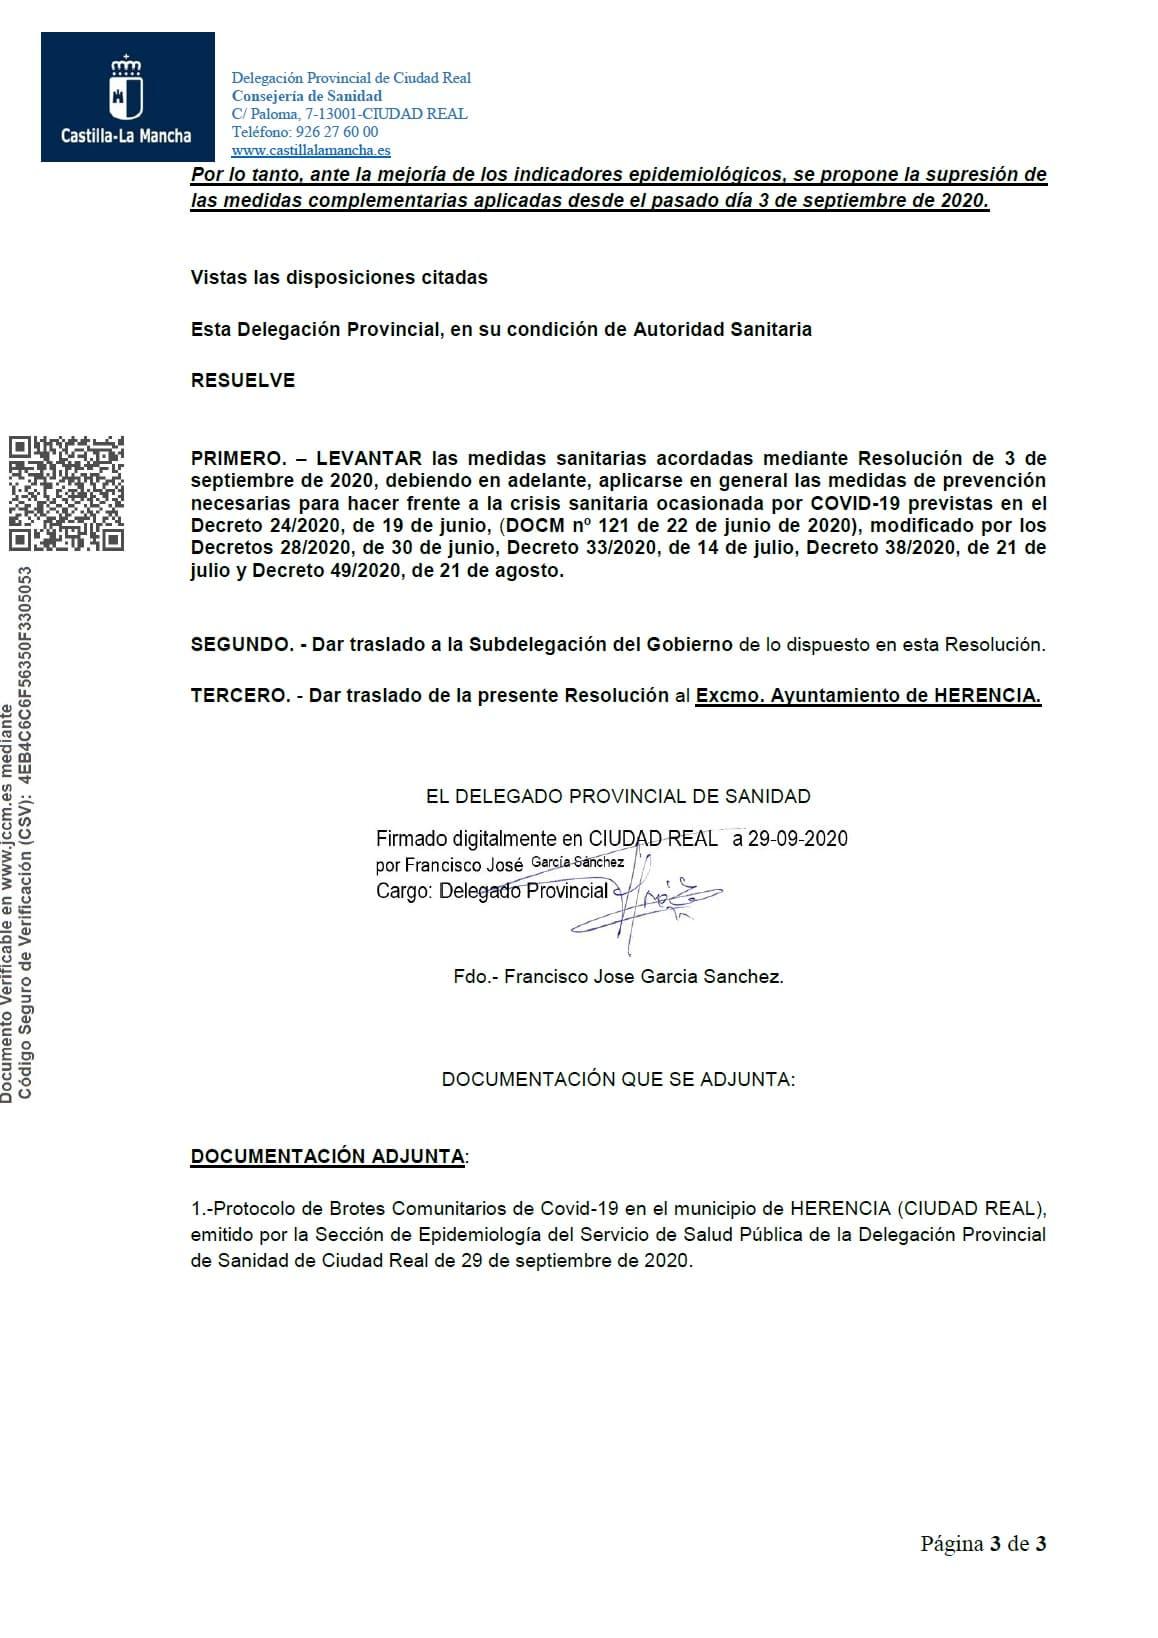 Resolucion herencia levantamiento medidas especiales covid 19 3 - Sanidad levanta la medidas especiales a Herencia desde el 30 de septiembre